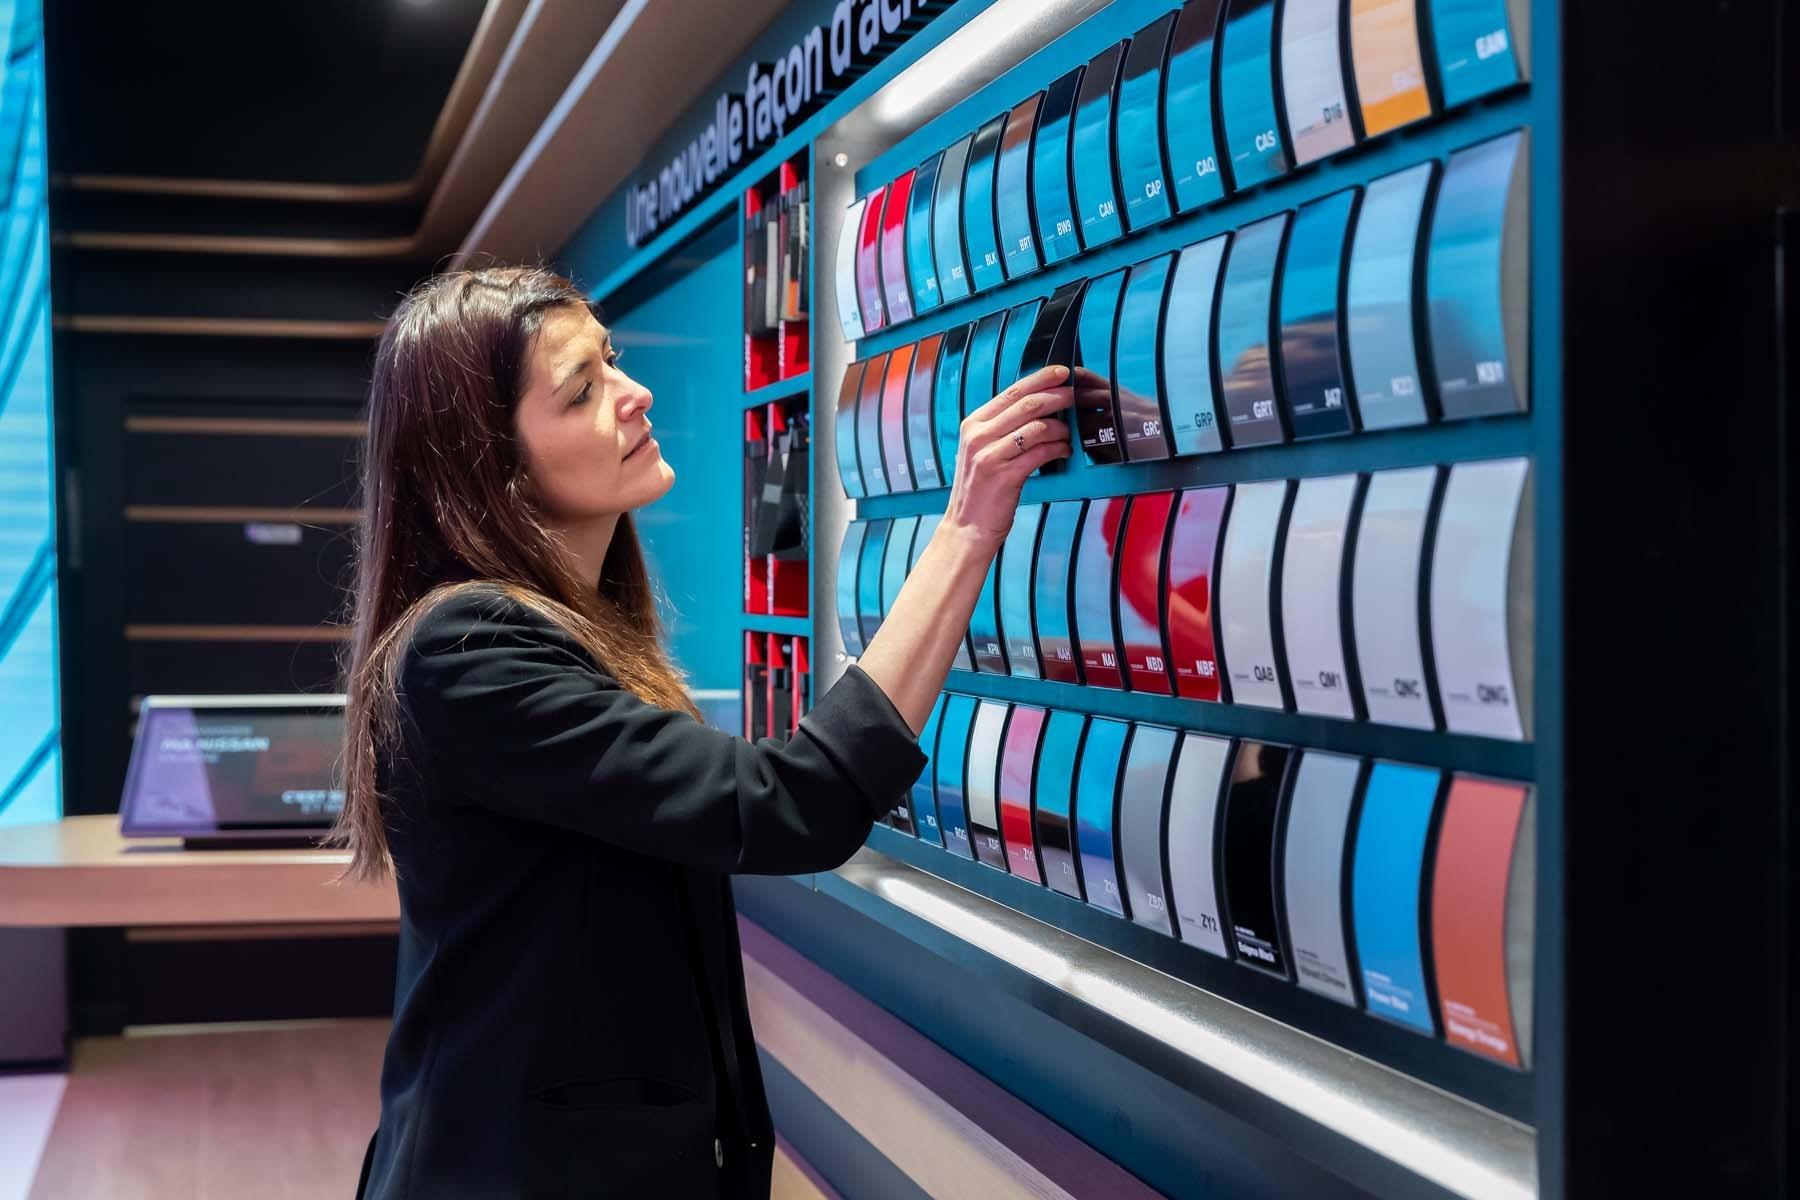 Στο Παρίσι το παγκόσμιο ντεμπούτο του Nissan City Hub